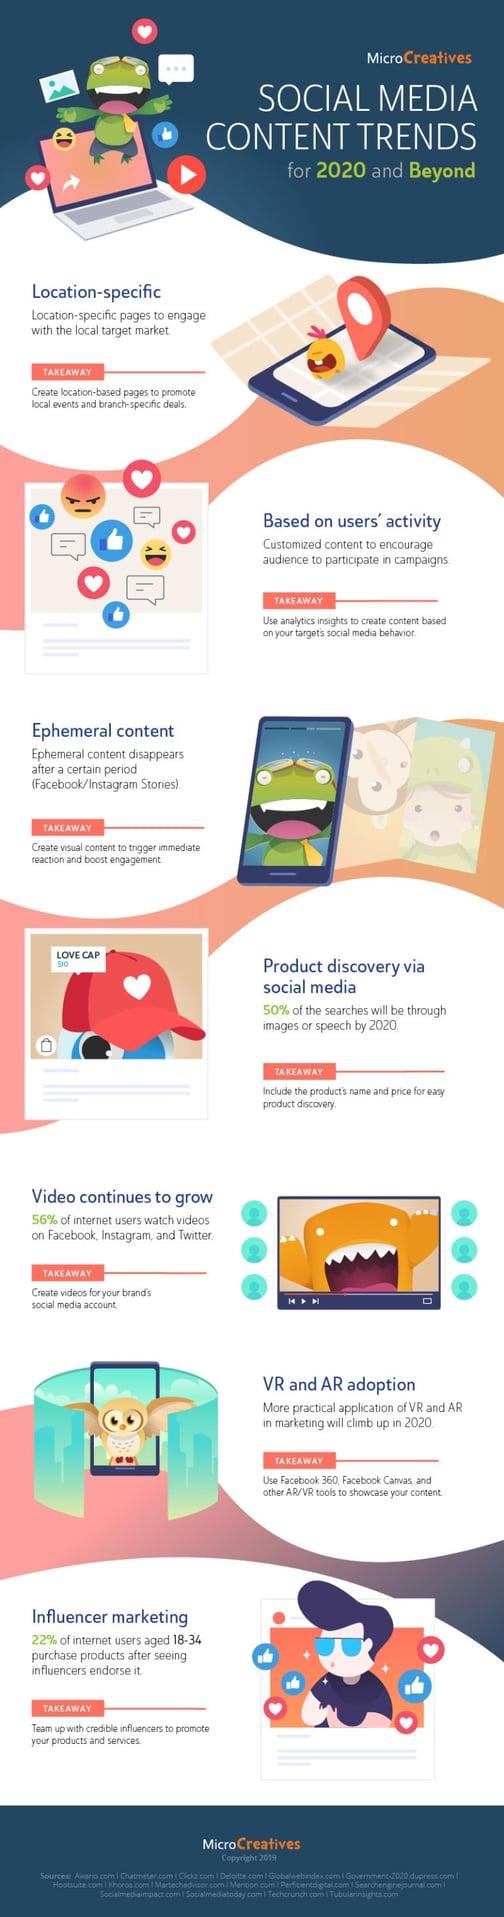 Social Media Content Trends